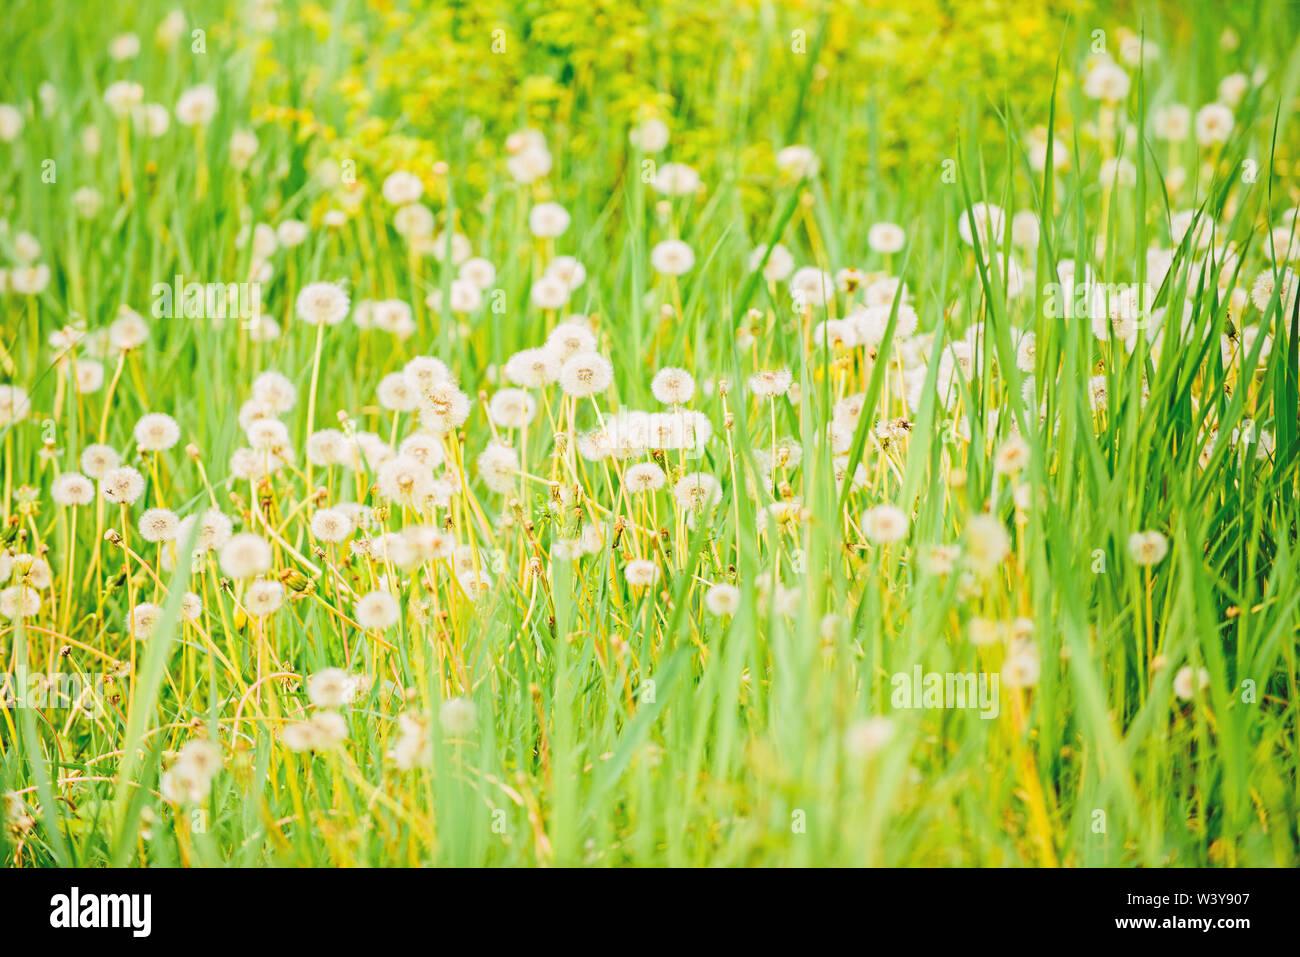 La pasto verde fresco y luz blanca flores de diente de león. Fondo natural. Concepto de primavera. Muchas flores de licitación en el campo. Jaramago soft bloom. Eco y orgánicos. Diente de león en la naturaleza. Campo de diente de león. Imagen De Stock